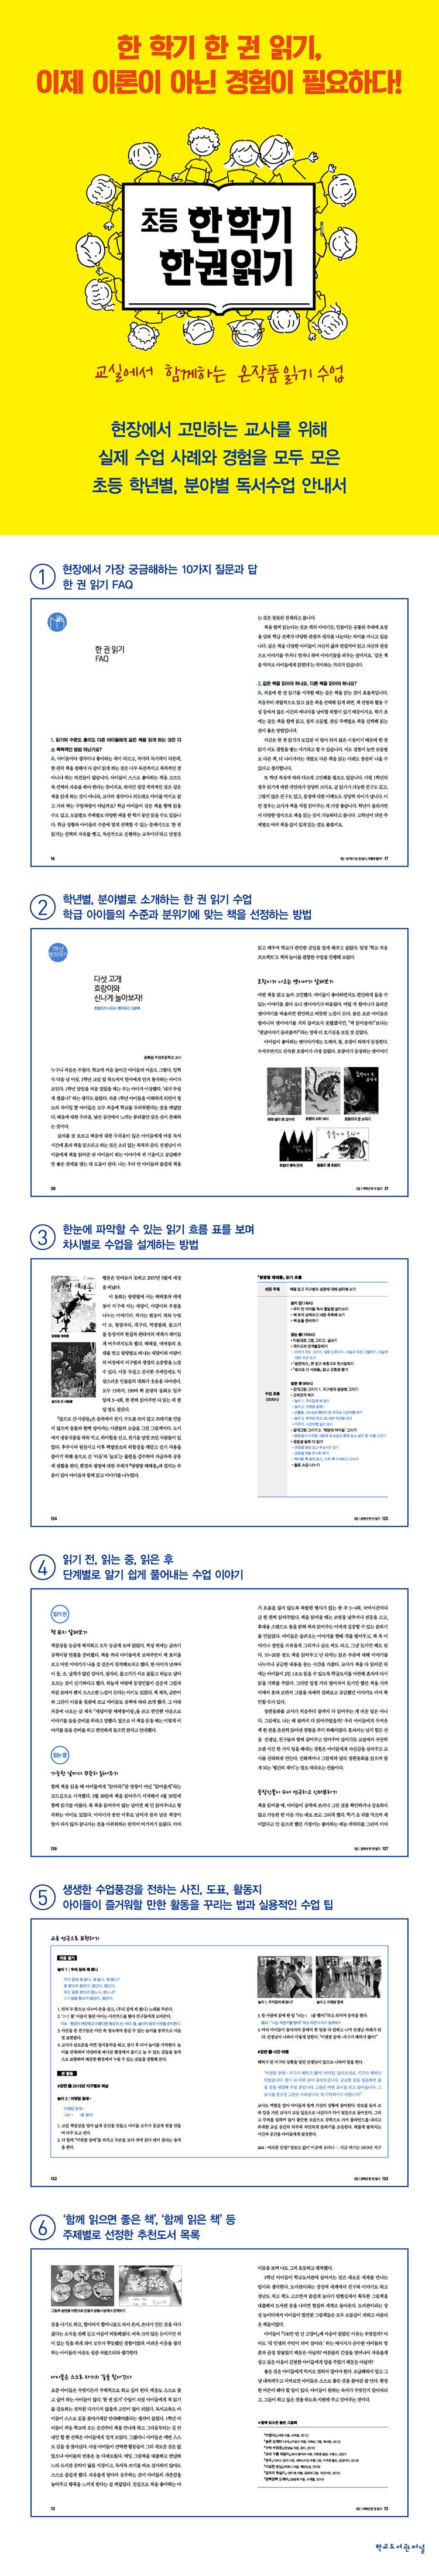 초등한학기한권읽기-온라인상세페이지-750.jpg